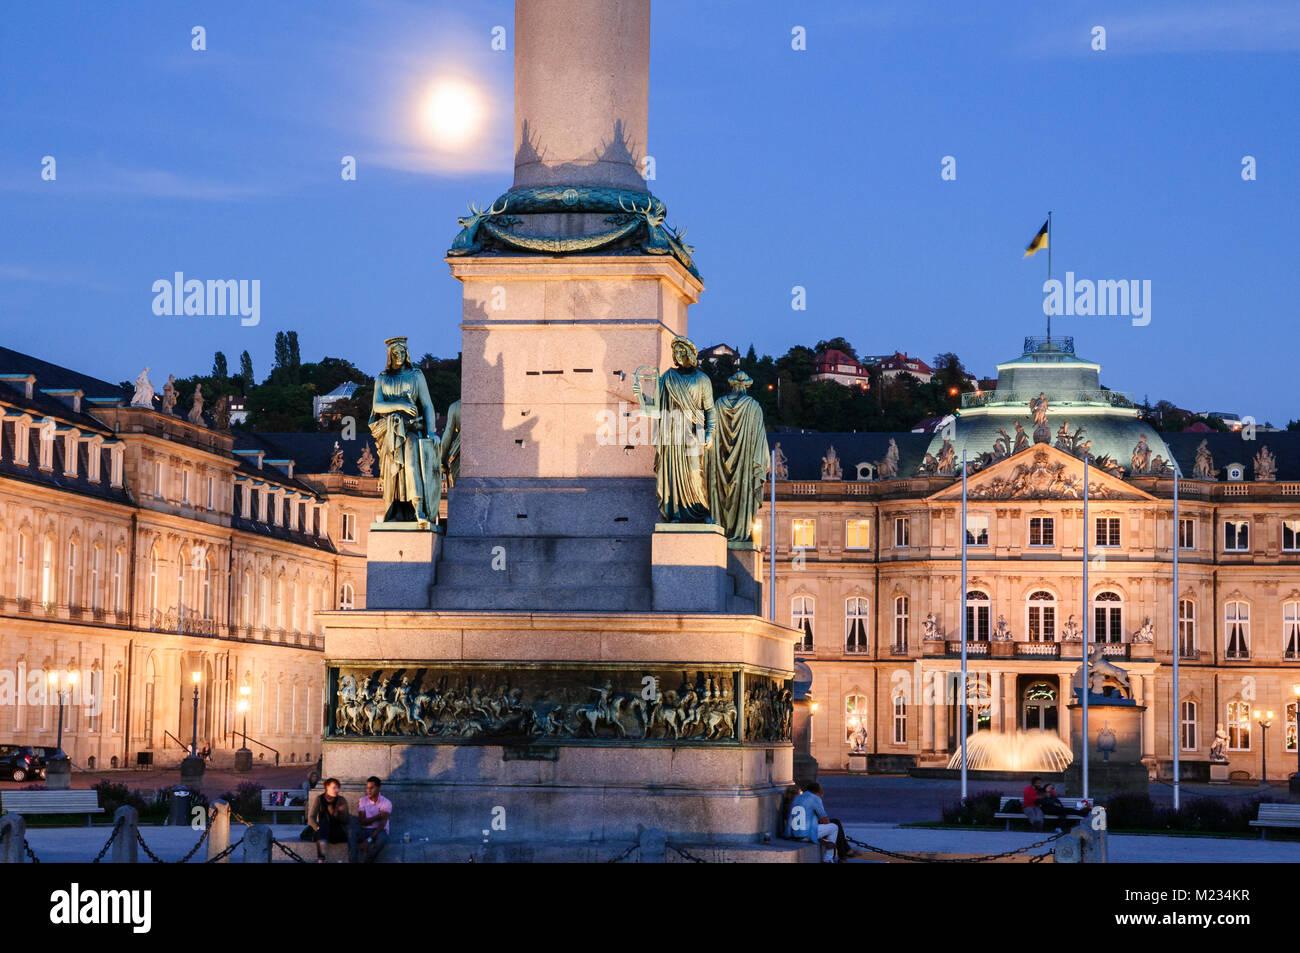 Schlossplatz Stuttgart, Baden-Württemberg, Deutschland, Europa - Stock Image